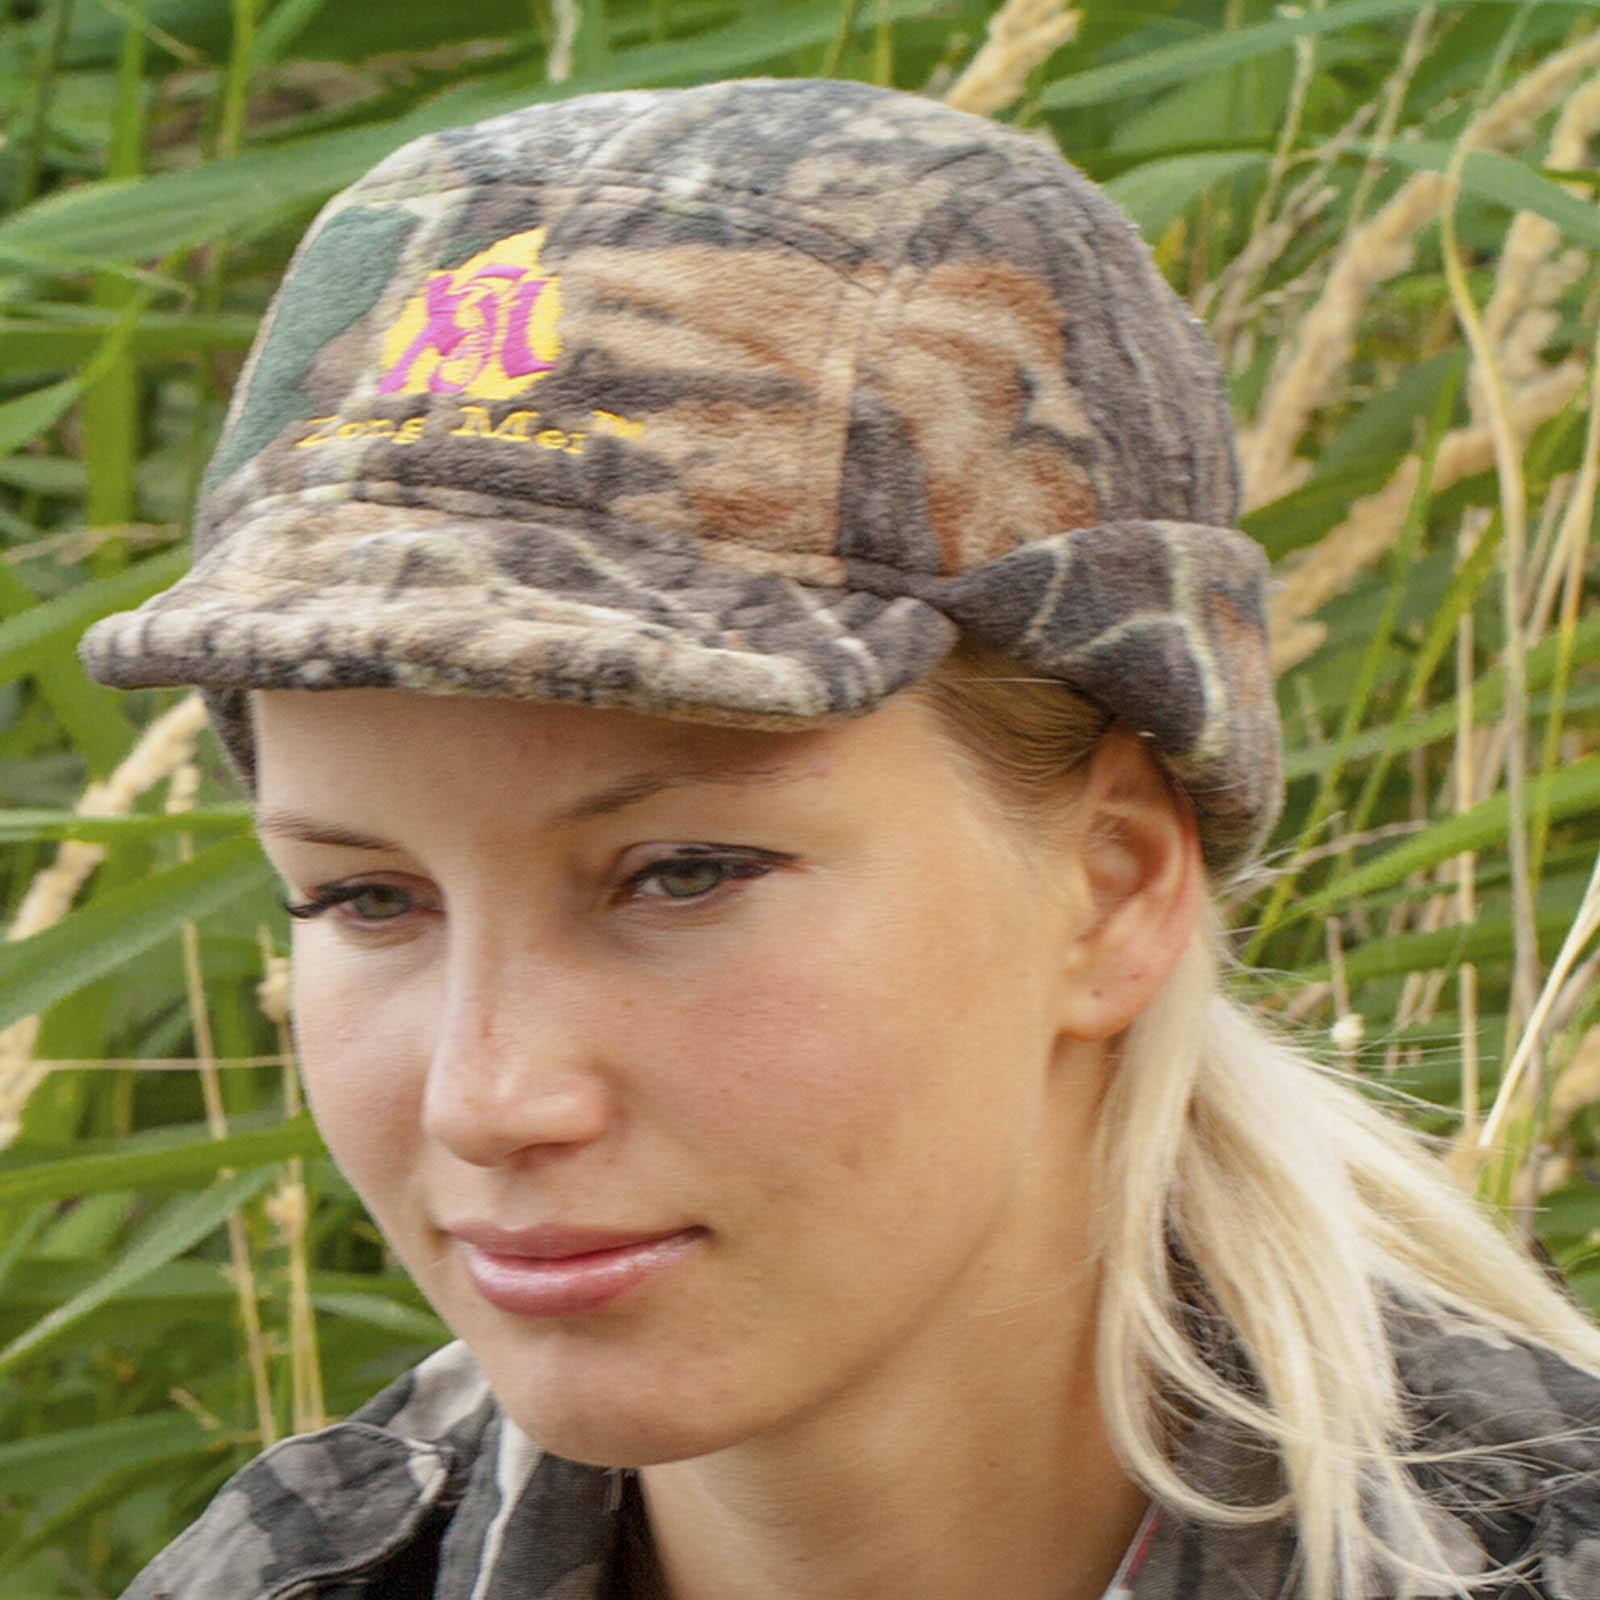 Охотничья теплая кепка Zong Mei